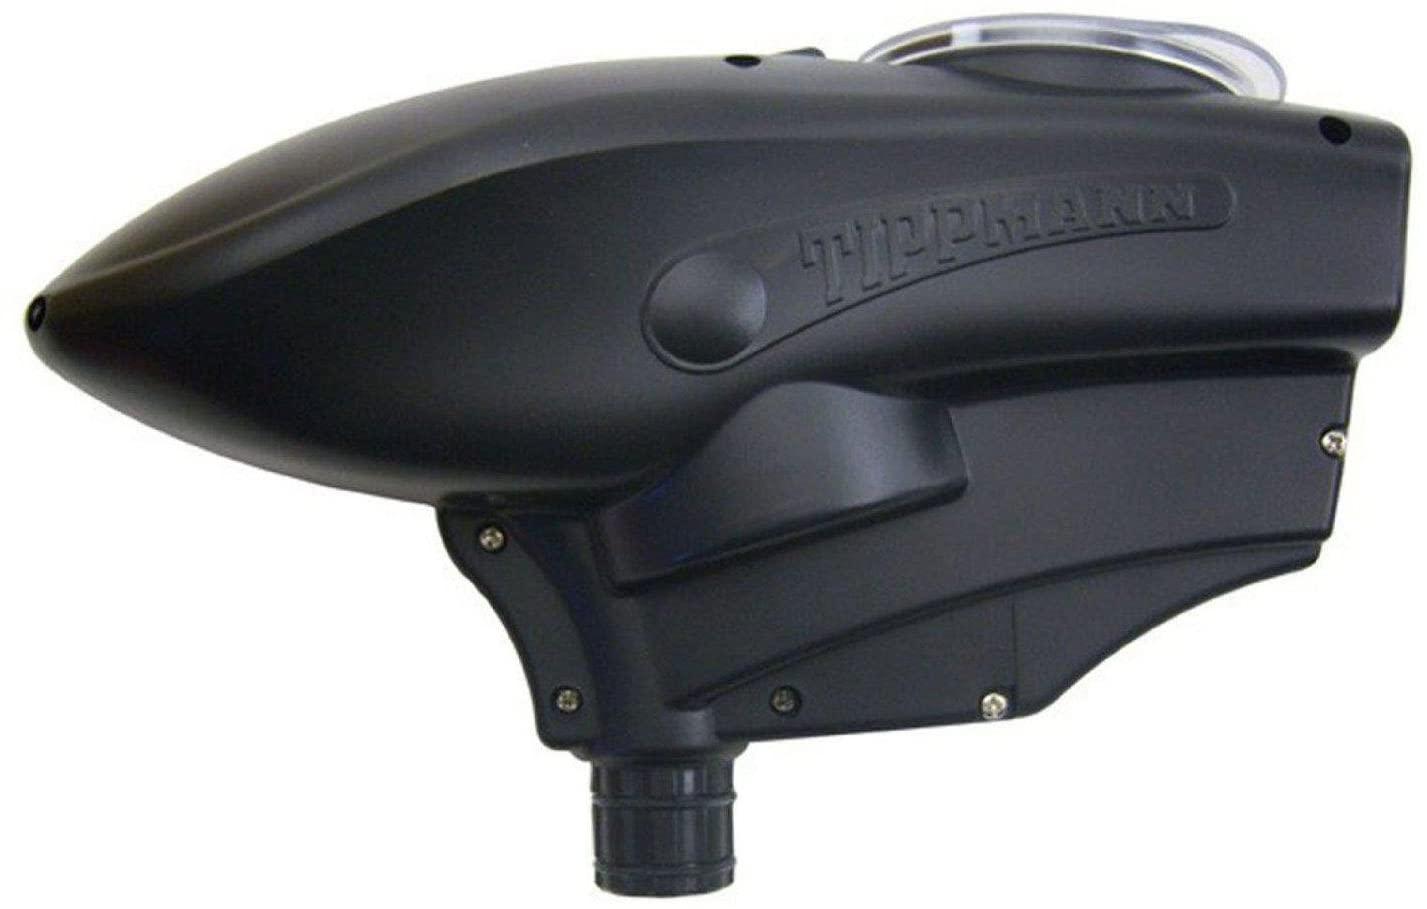 TIPPMANN SSL-200 Electronic Paintball Hopper